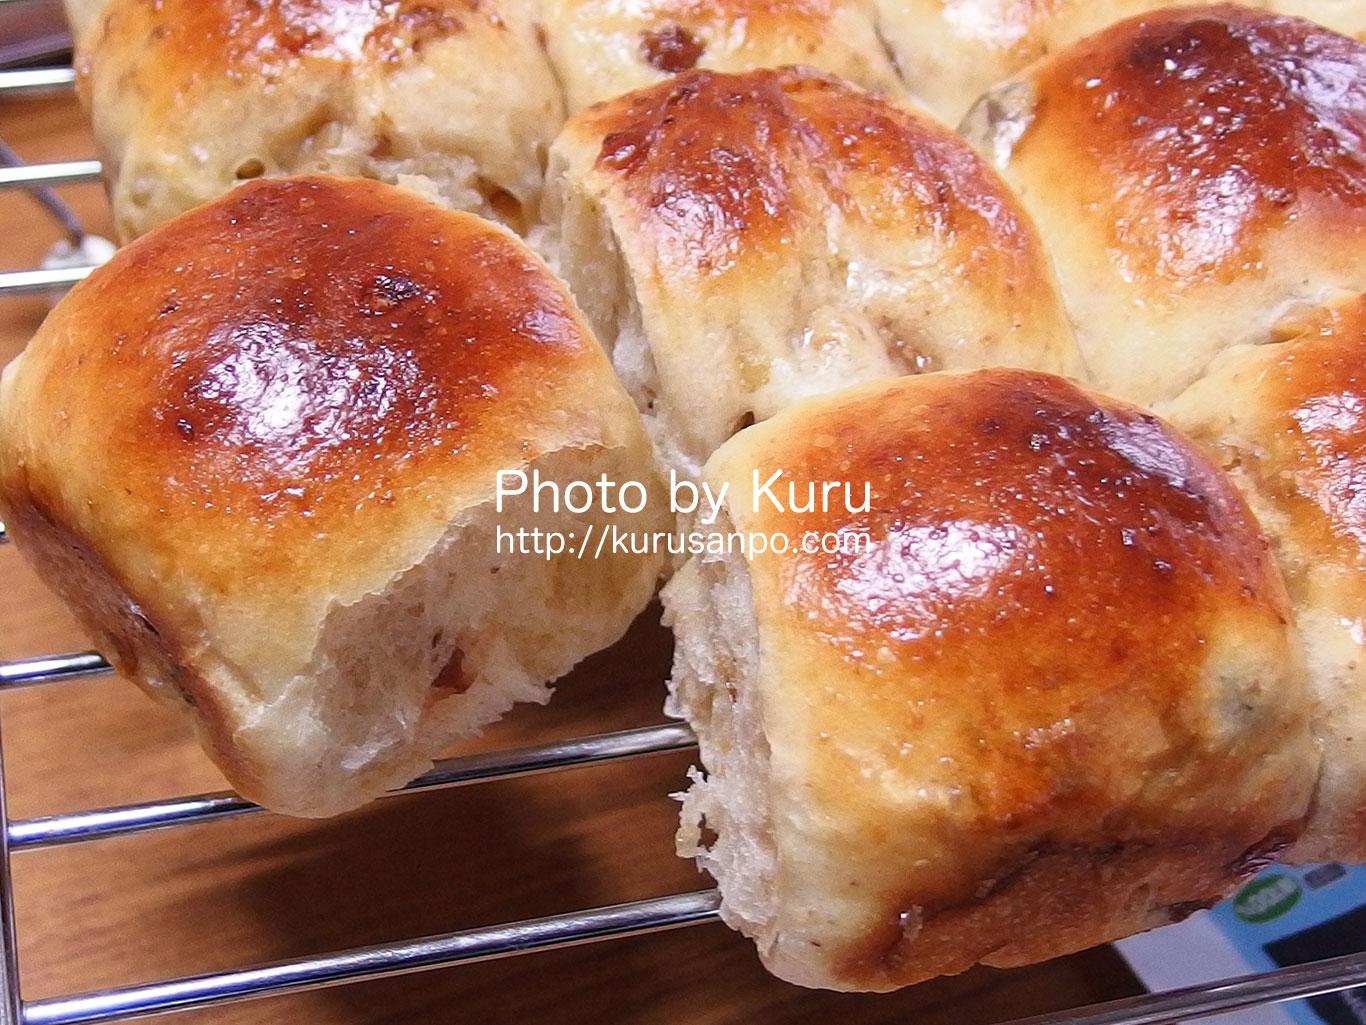 くるみとレーズンのちぎりパンを作ったよ♪